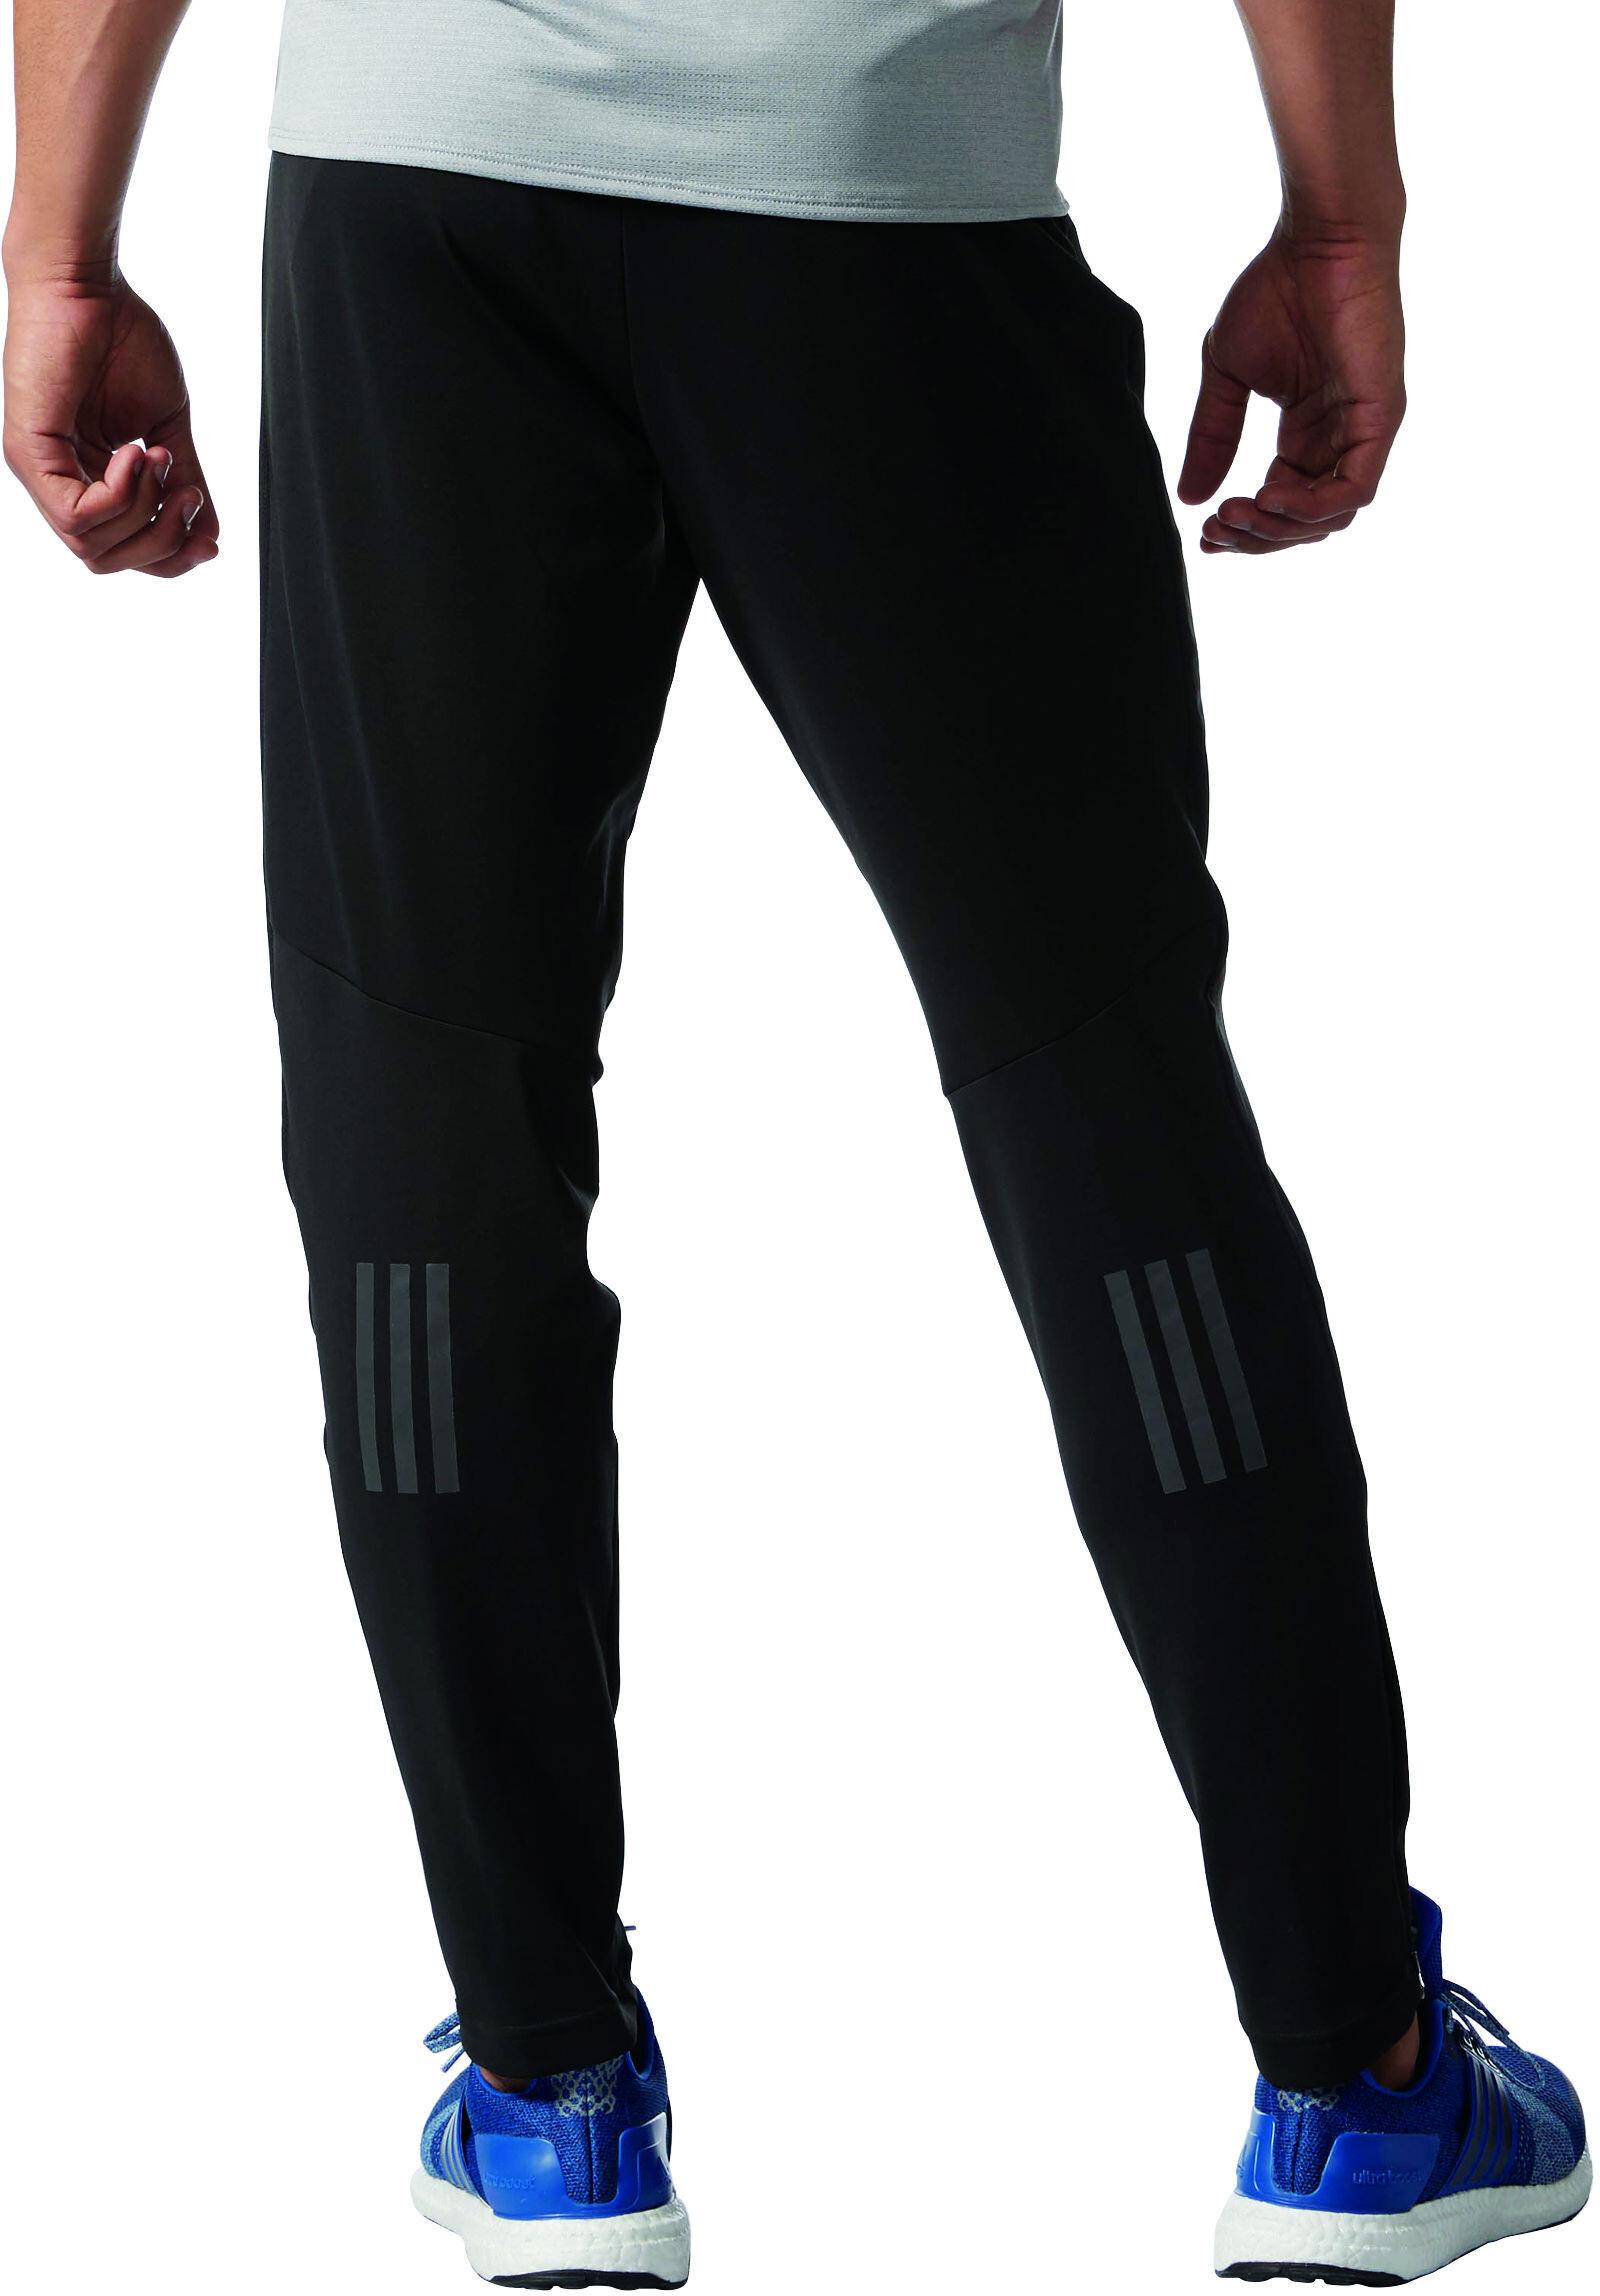 adidas Response - Pantalones largos running Hombre - negro  63cb39ff5645